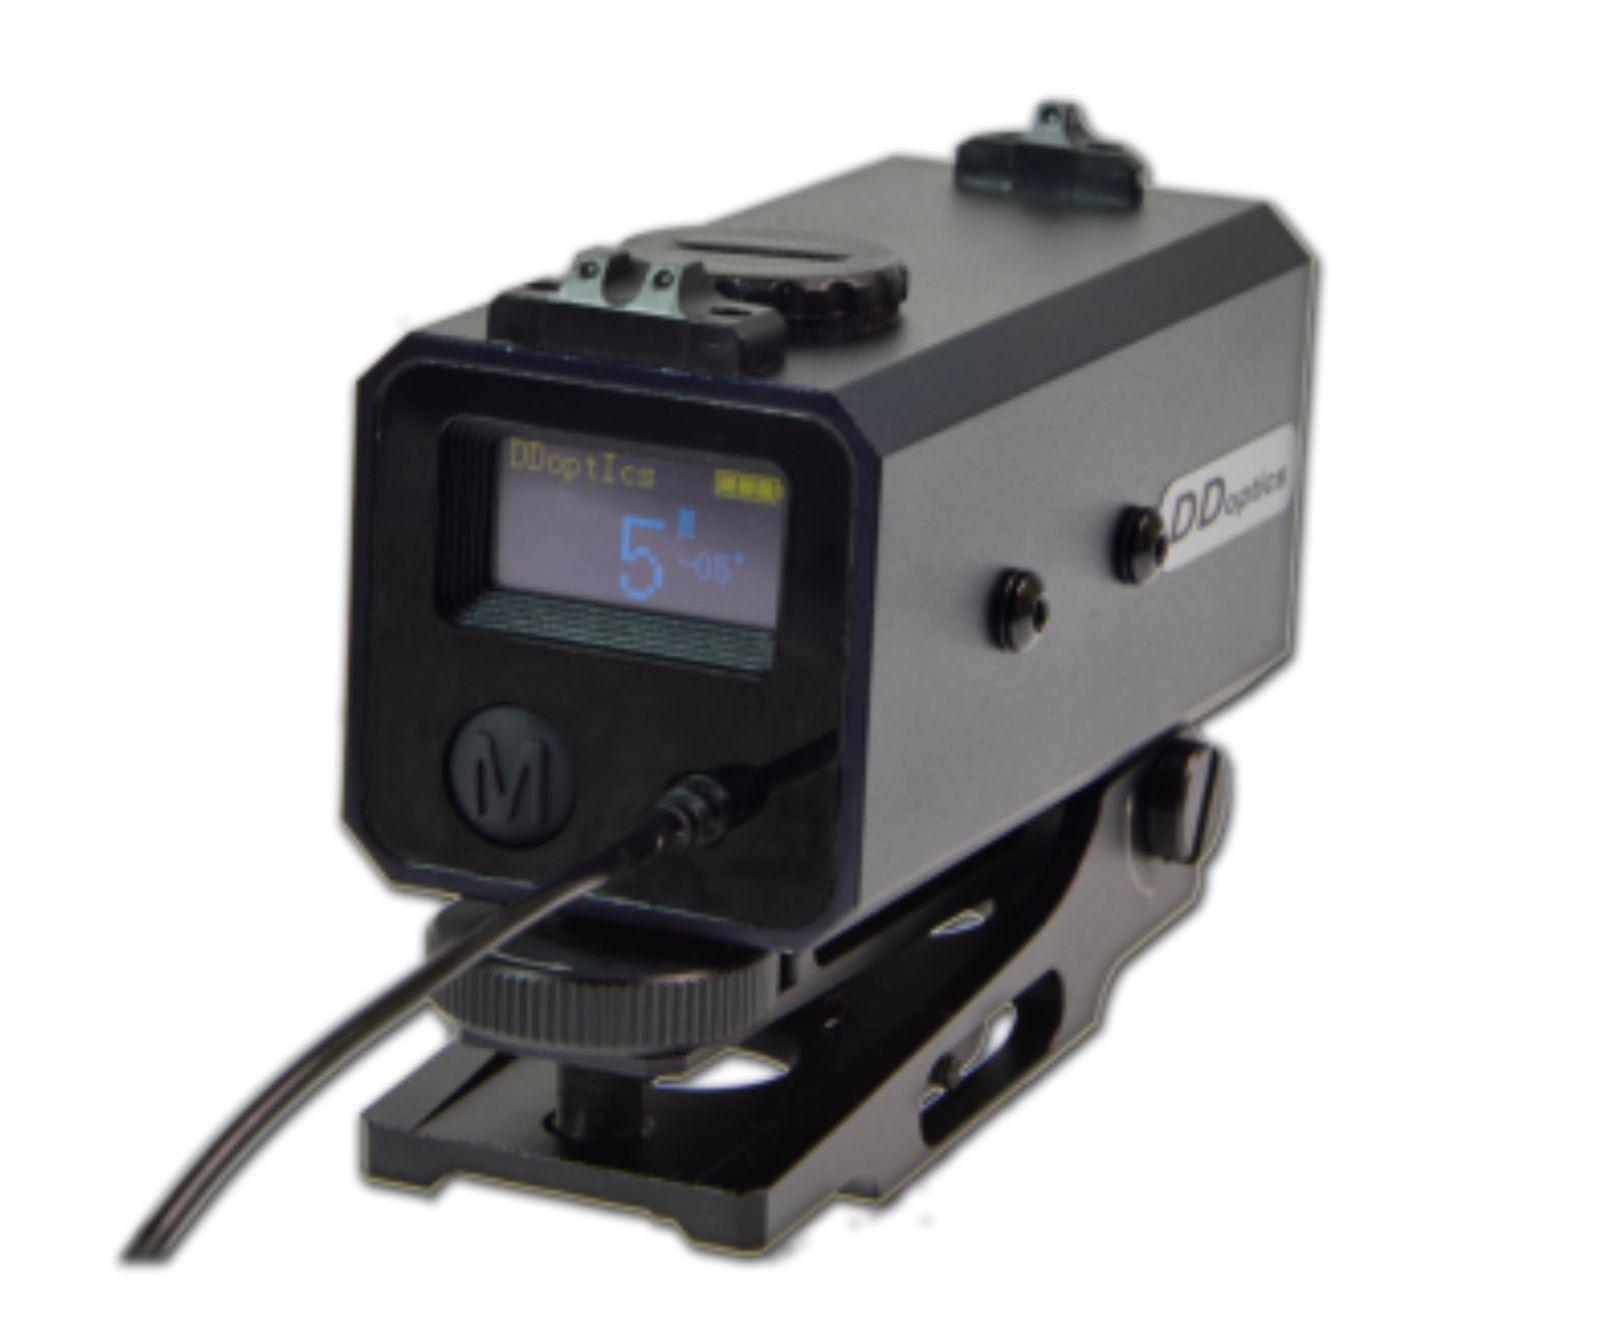 Entfernungsmesser Rangefinder : Ddoptics rf pro rangefinder